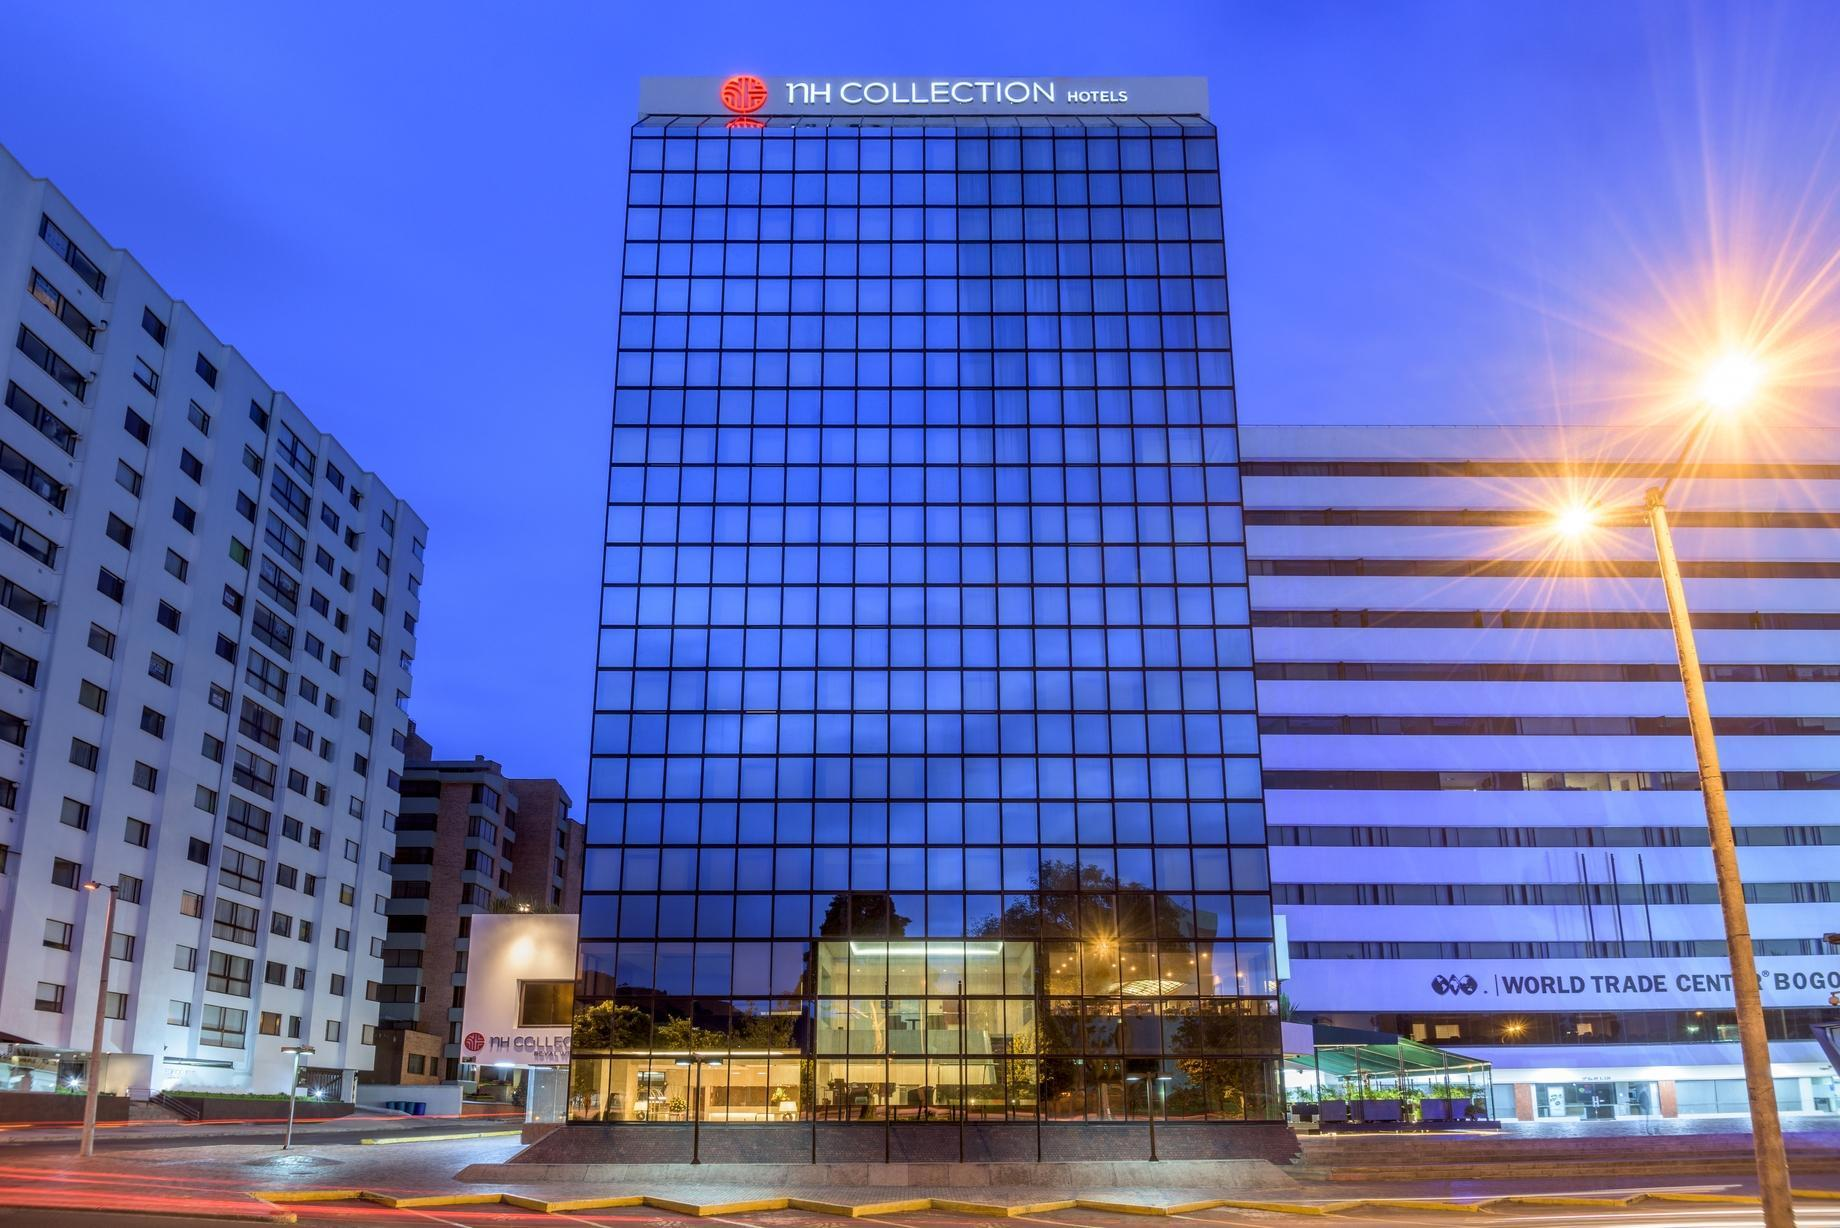 NH Collection Royal WTC Bogota